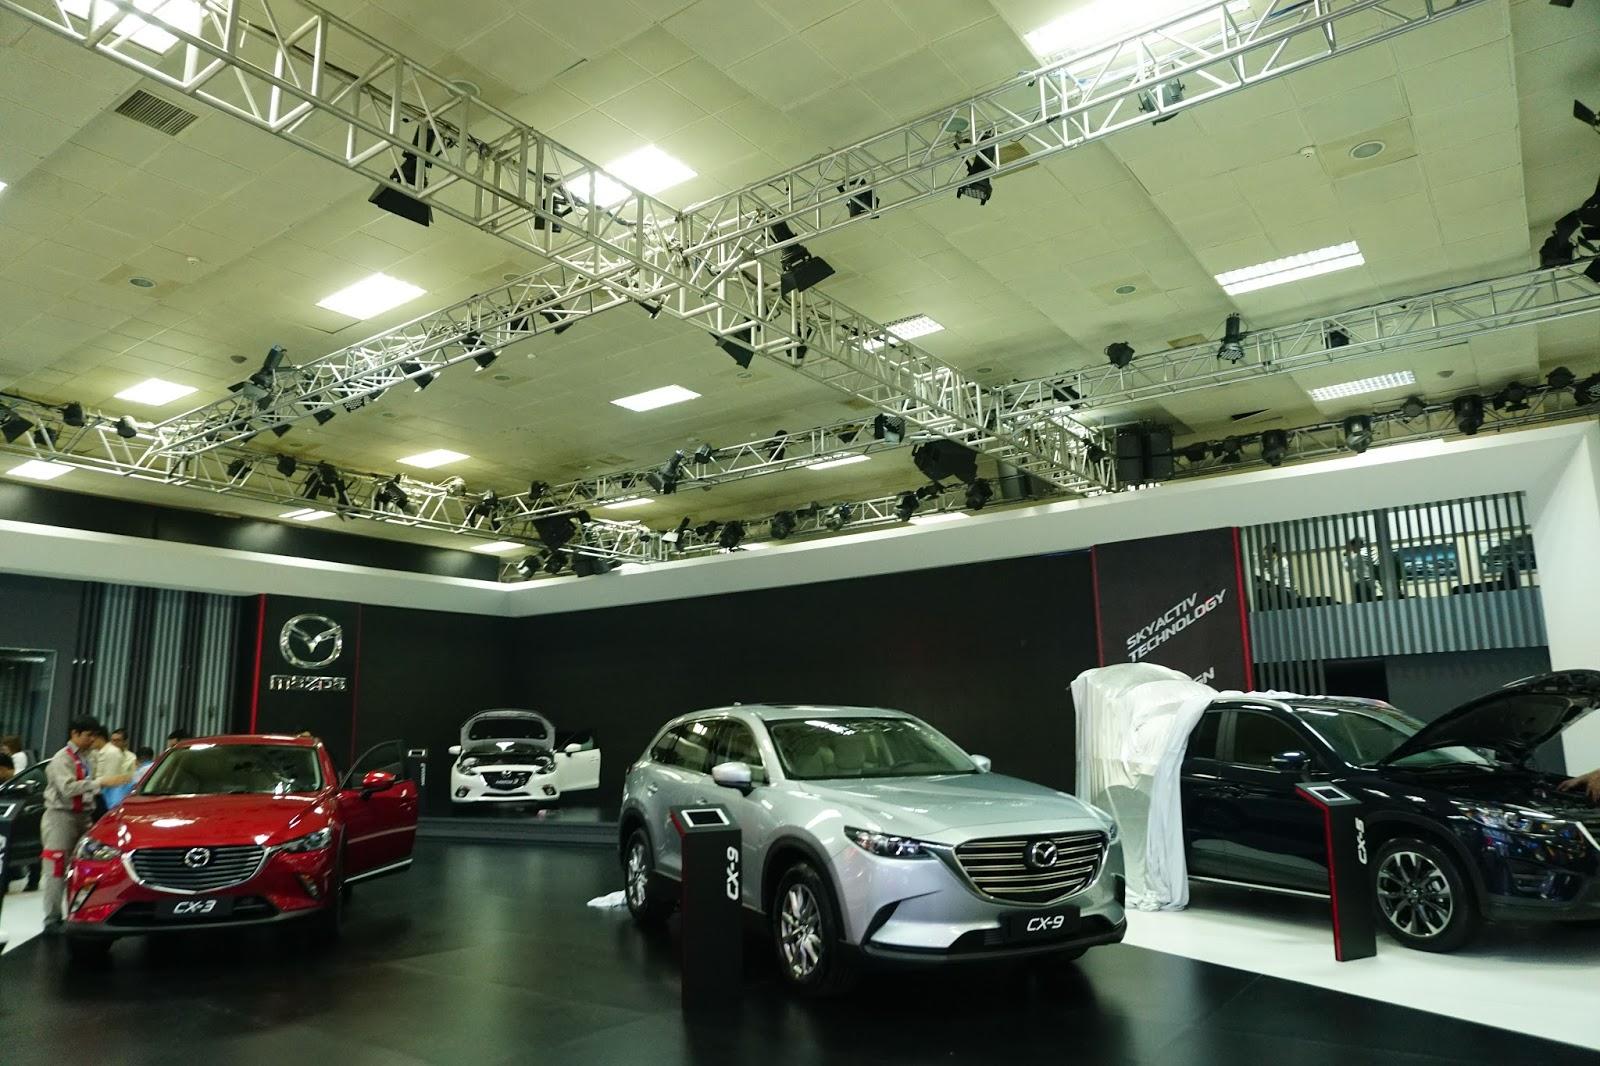 Gian hàng của Mazda với sự hiện diện của CX-3, hàng hot thời gian tới